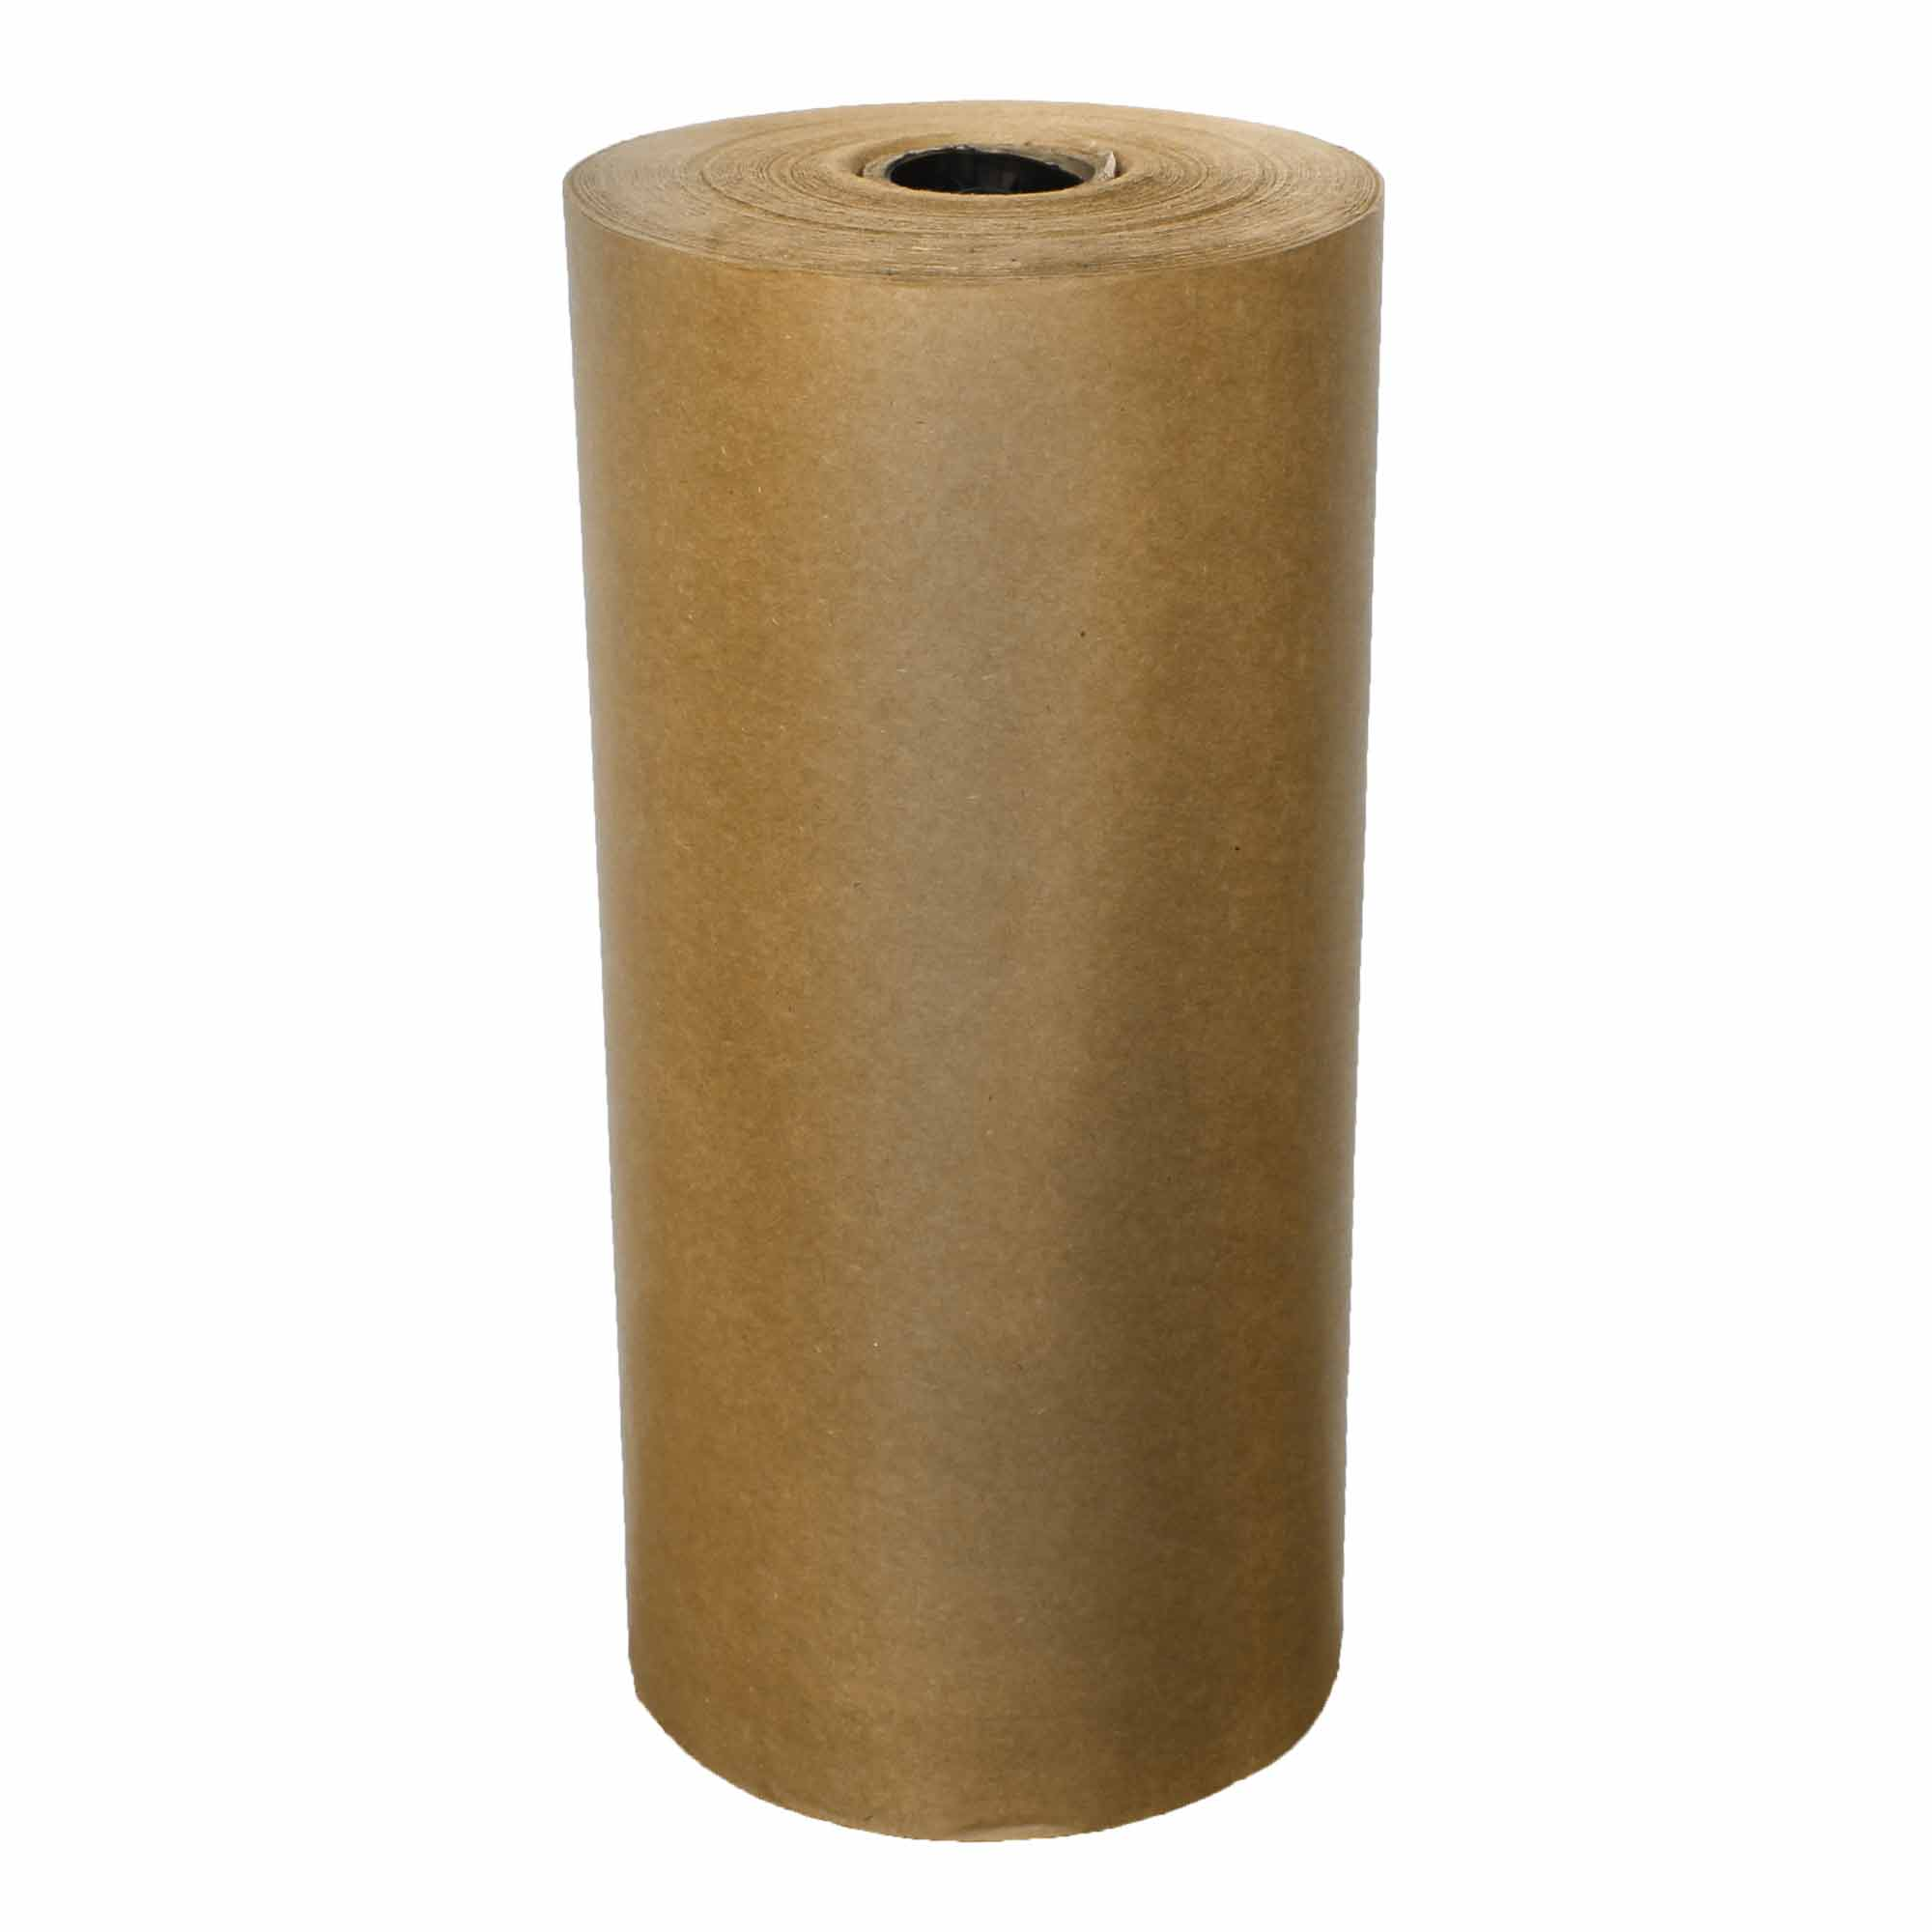 Bobina Papel Pardo Kraft Monolucido 40cm 80G Supplypack 9KG